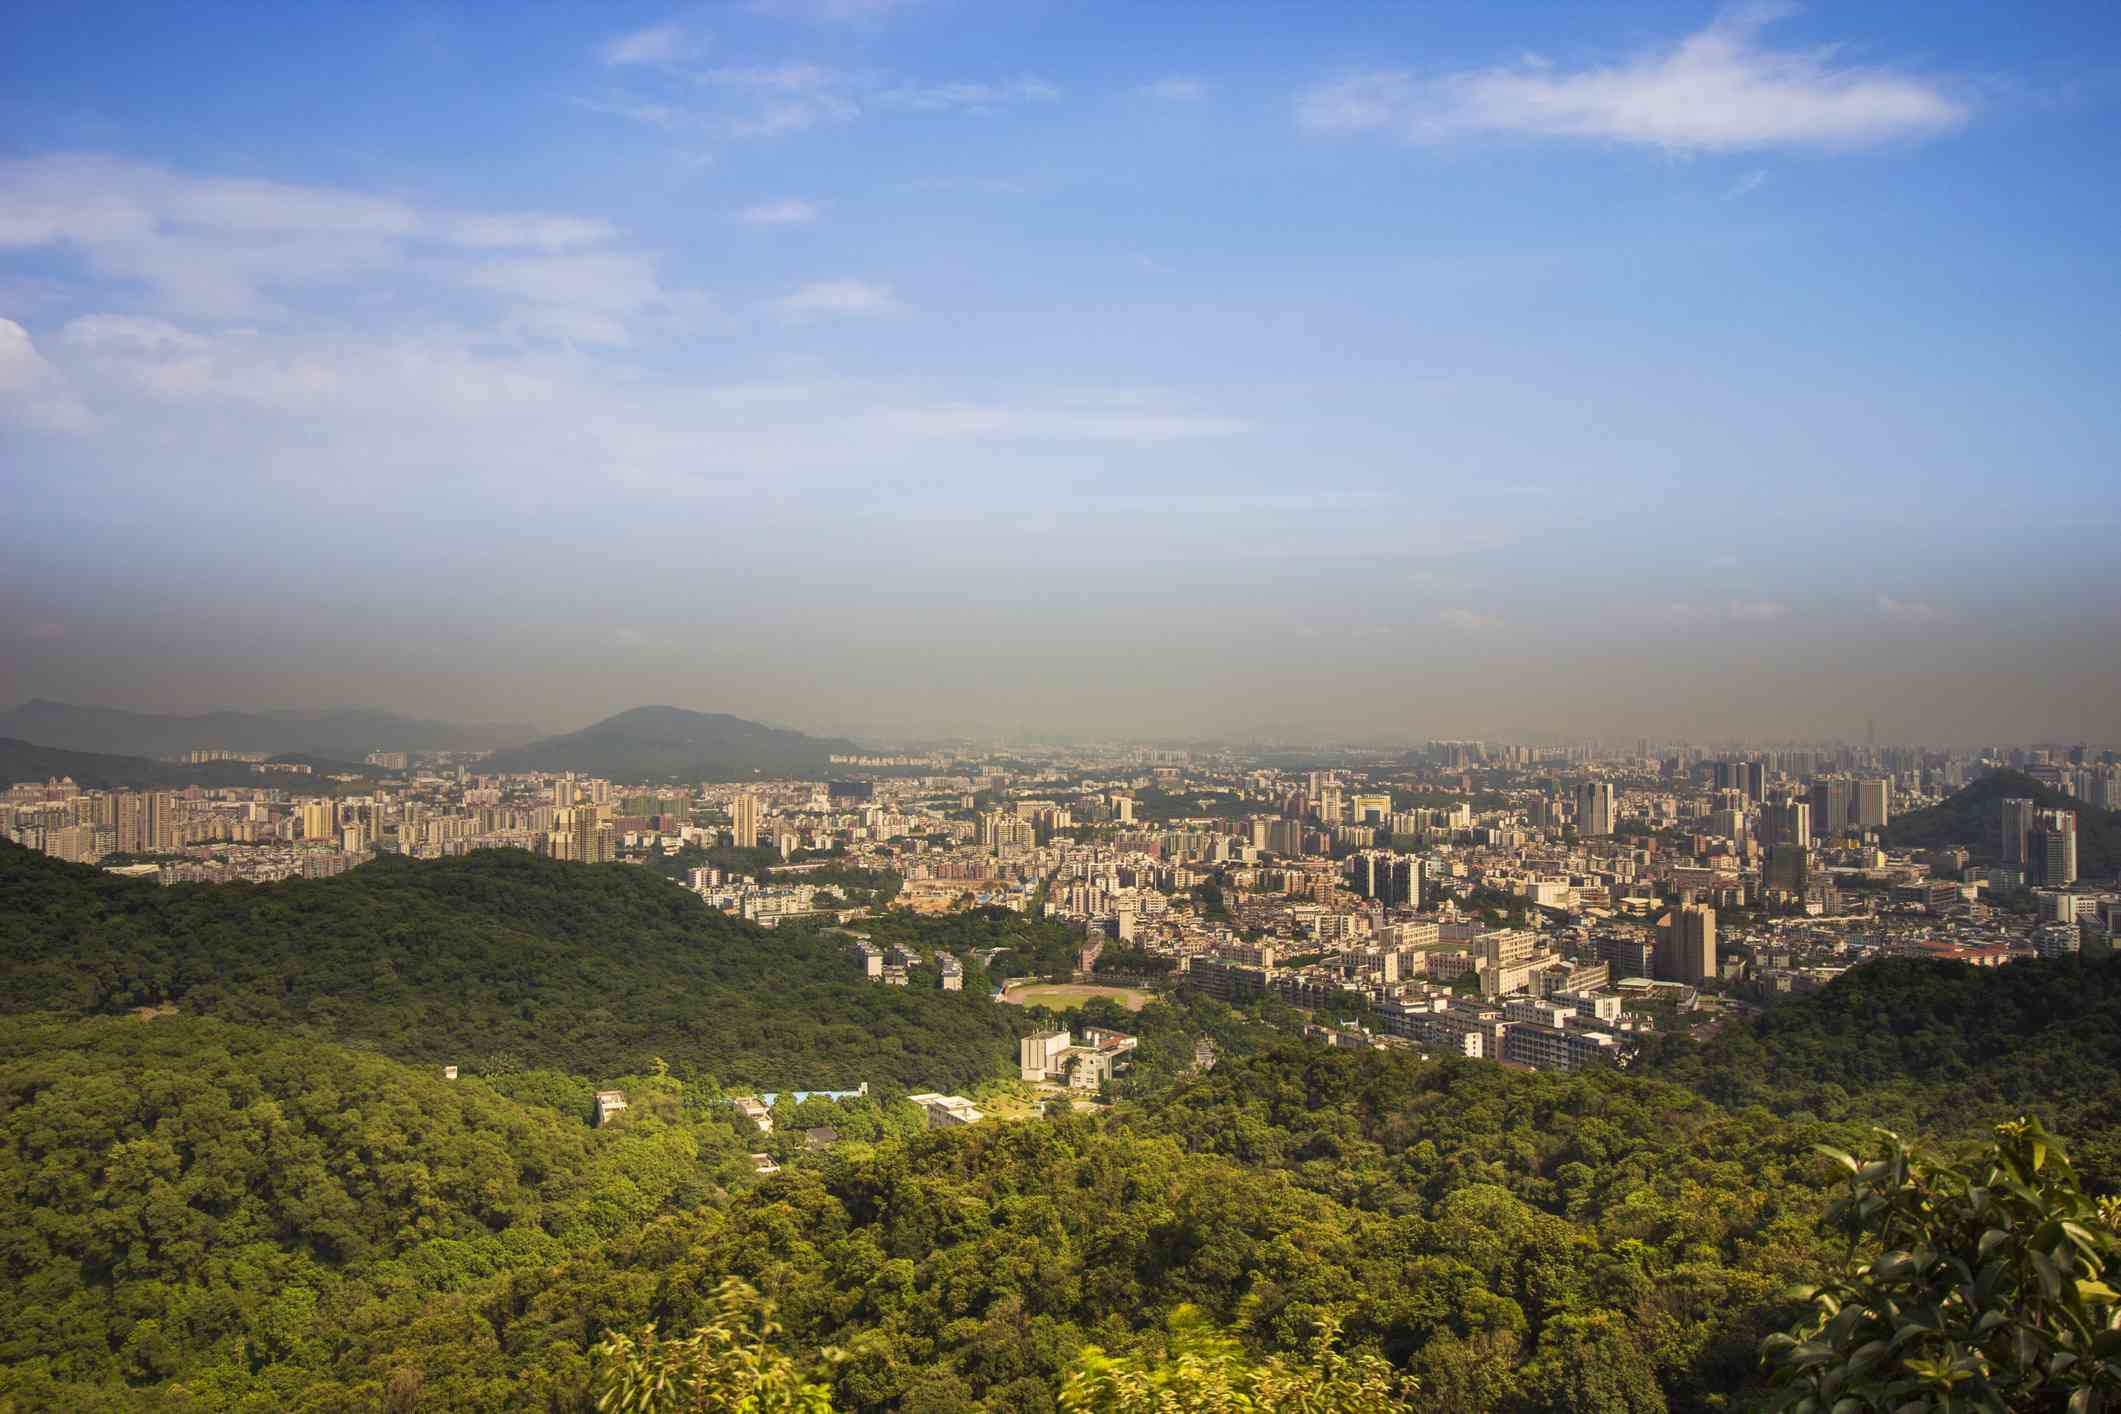 Baiyun Mountain overlooking Guangzhou